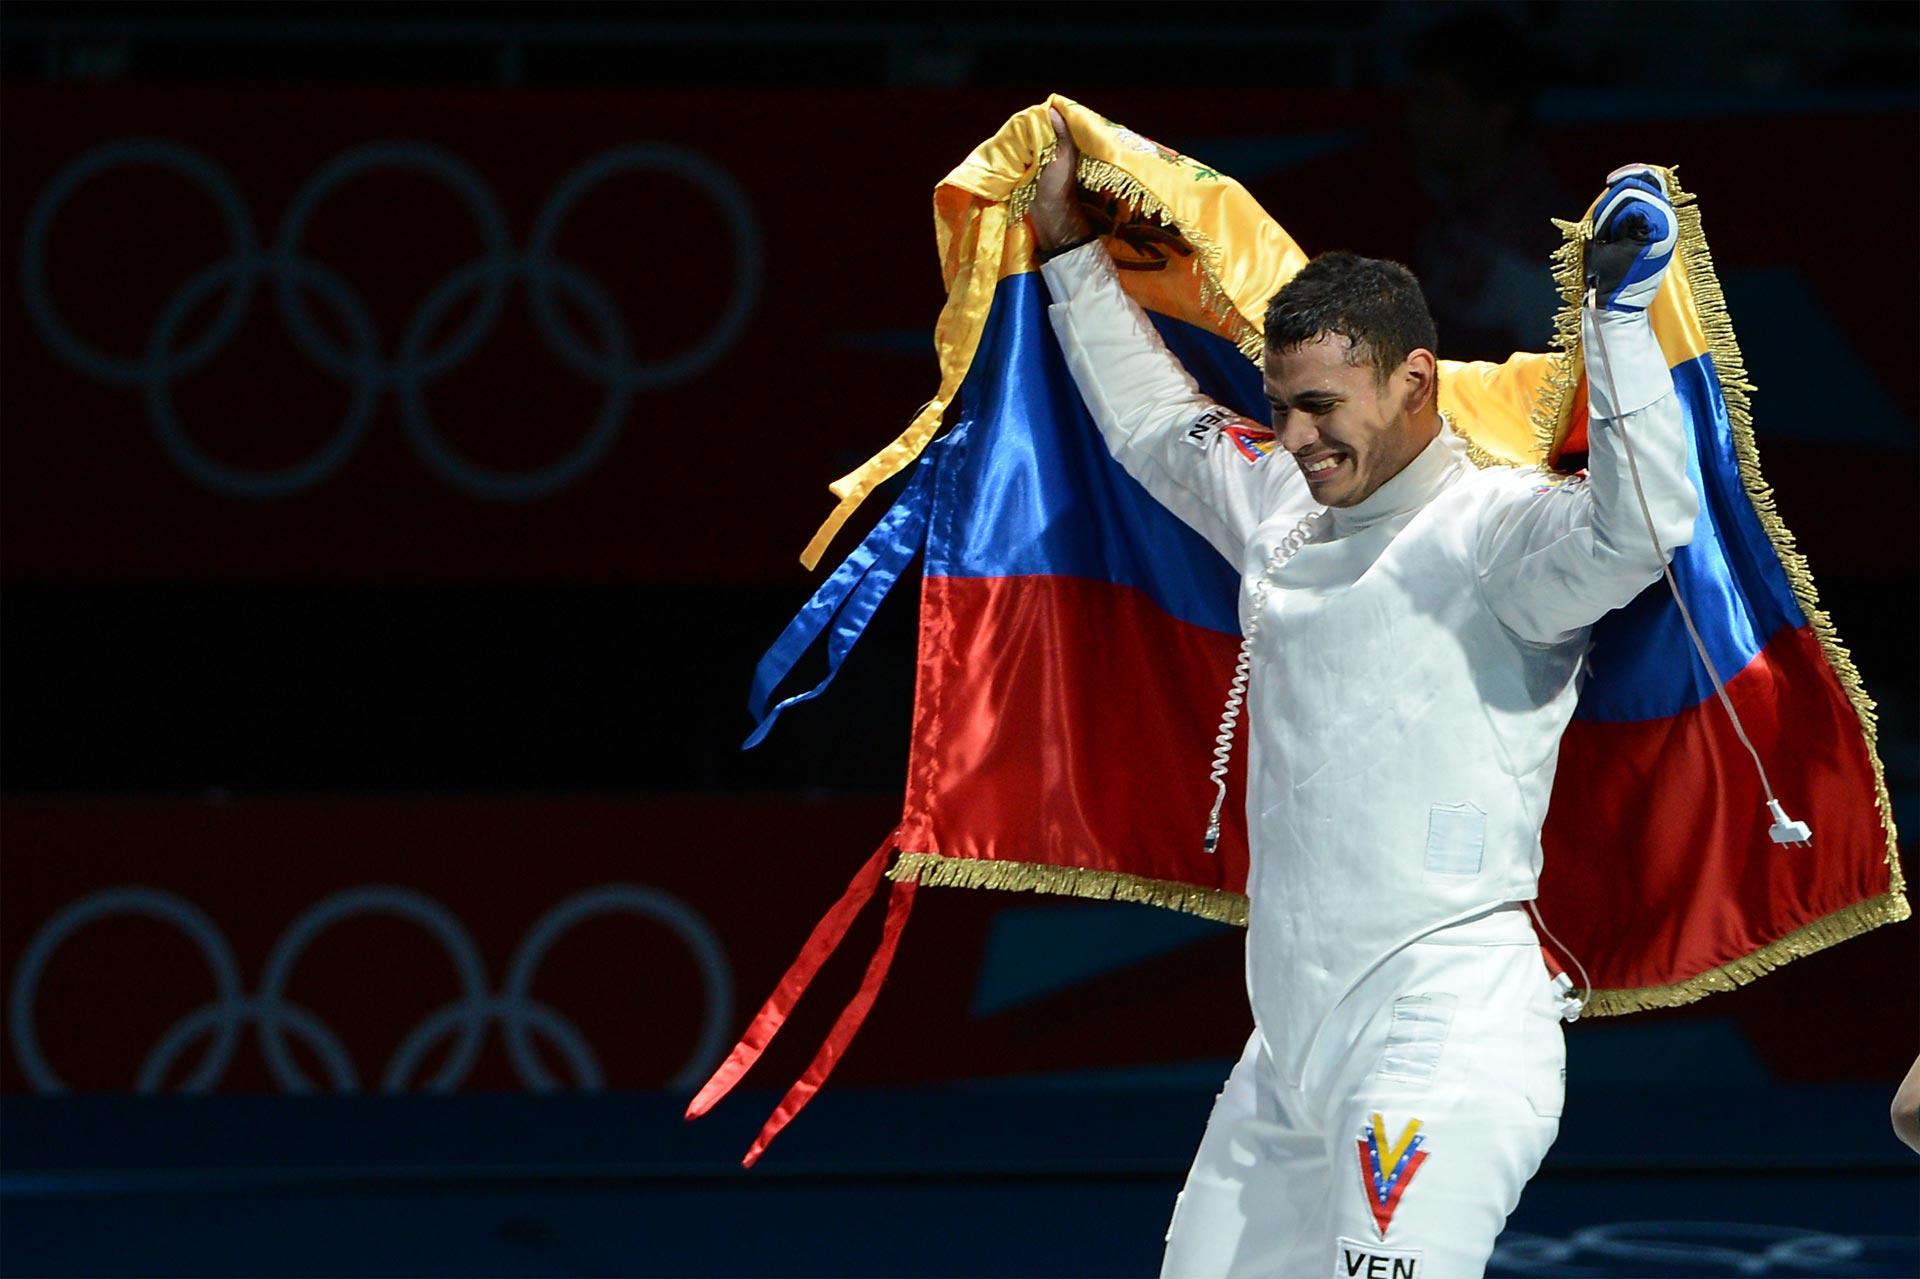 El equipo de espada masculino venezolano es el décimo mejor del mundo y el primero del continente americano